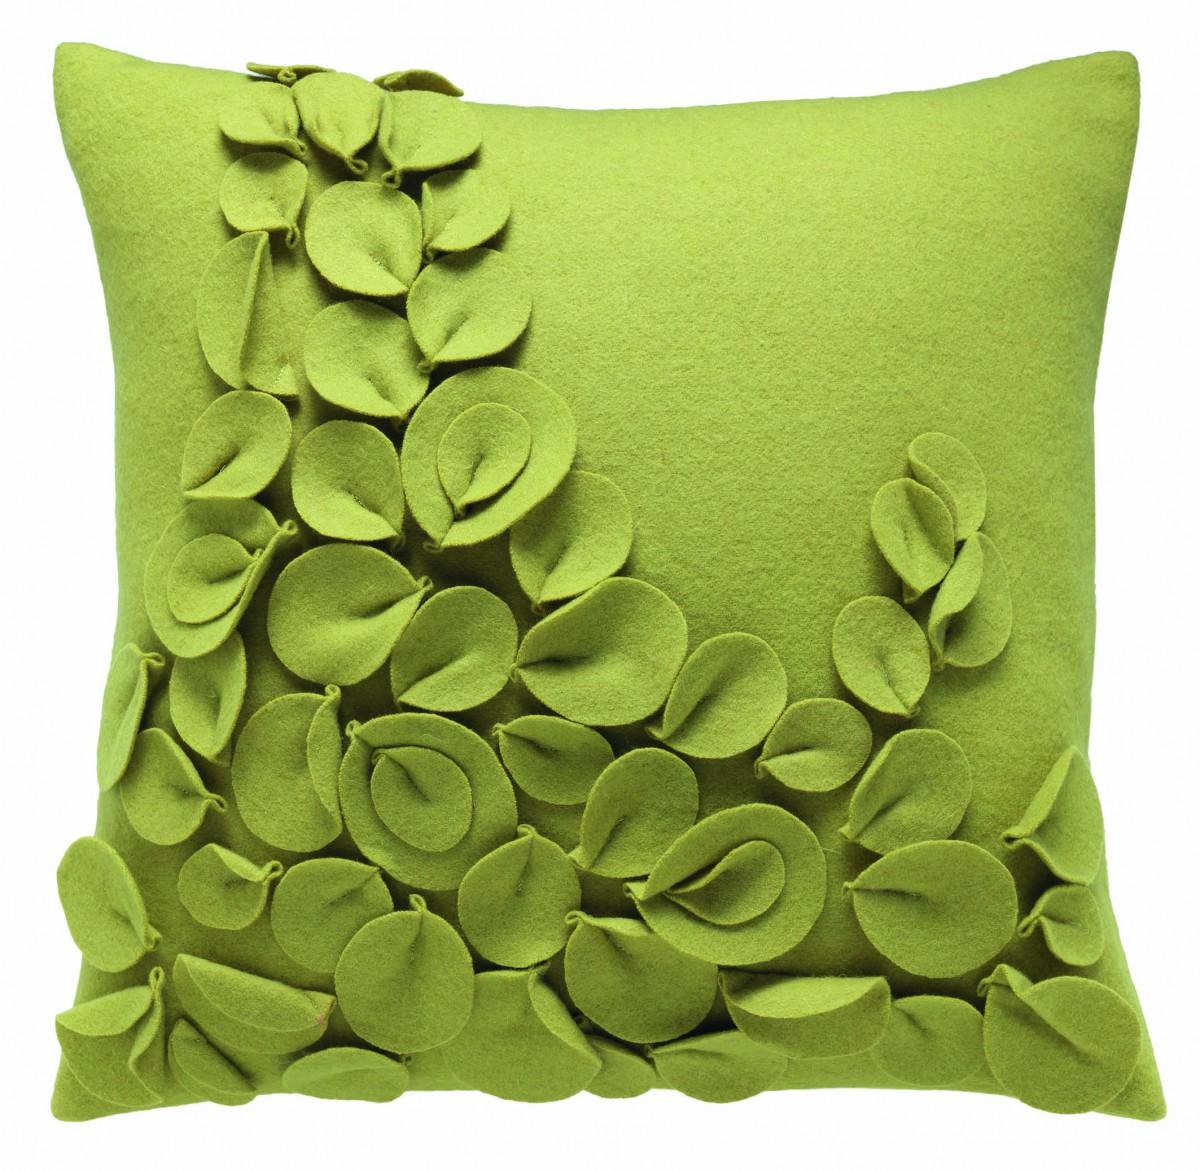 sch ner wohnen kissenh lle fleur gr n 45x45cm. Black Bedroom Furniture Sets. Home Design Ideas